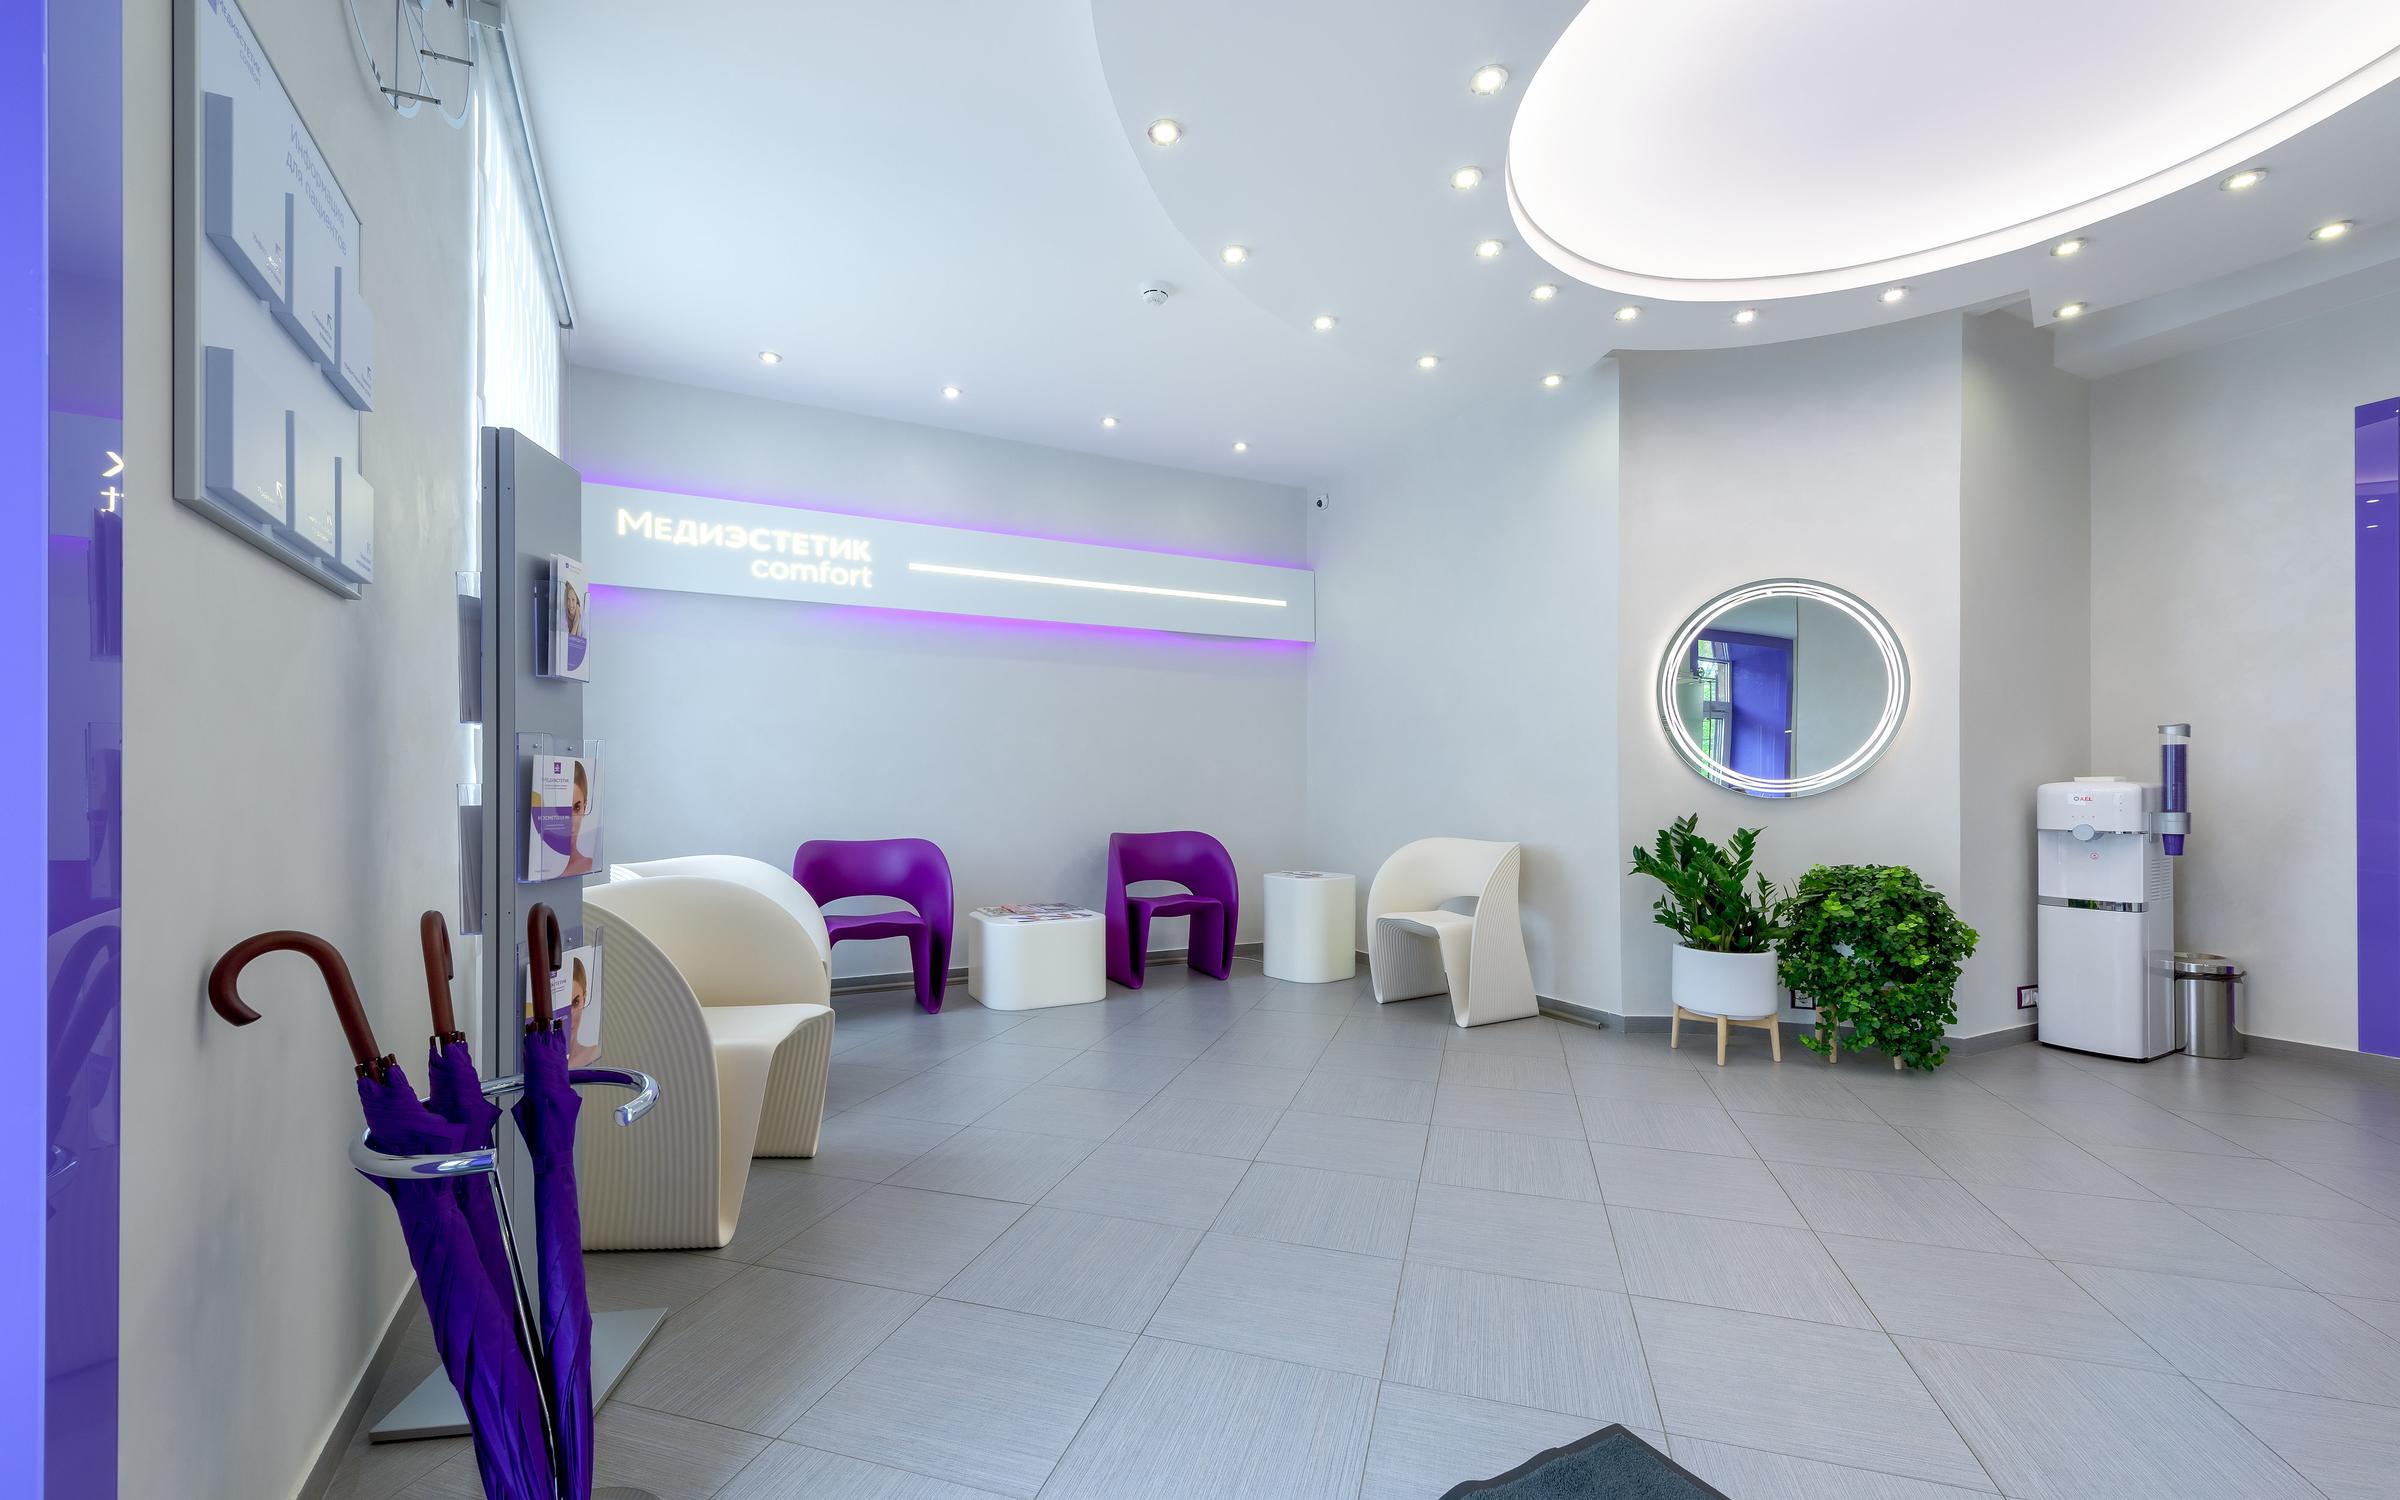 фотография Клиника косметологии и стоматологии Медиэстетик comfort на Ленинском проспекте